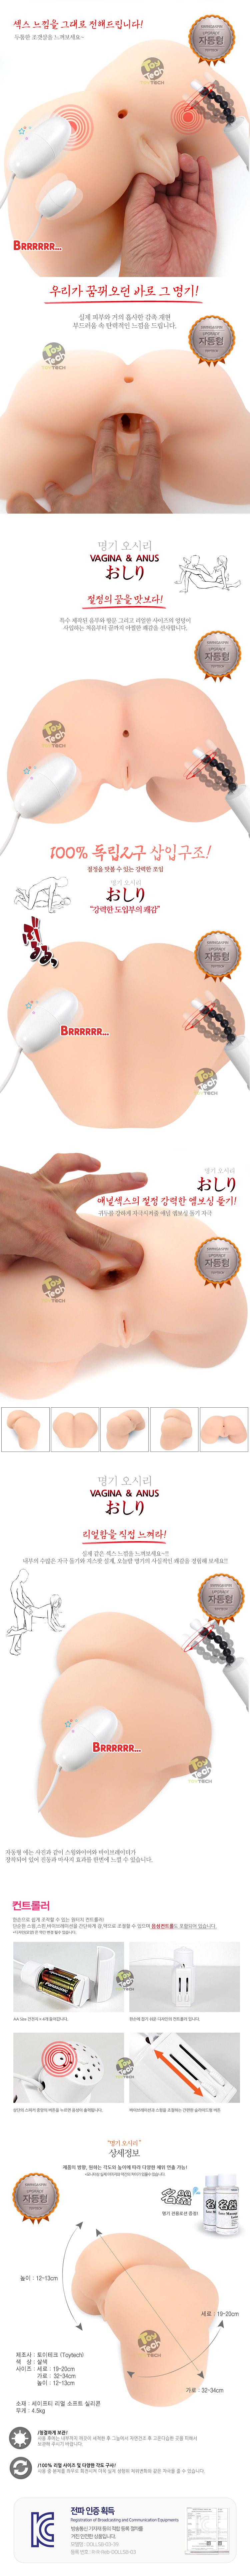 명기 오시리 엉덩이 리얼 사이즈 자위기구